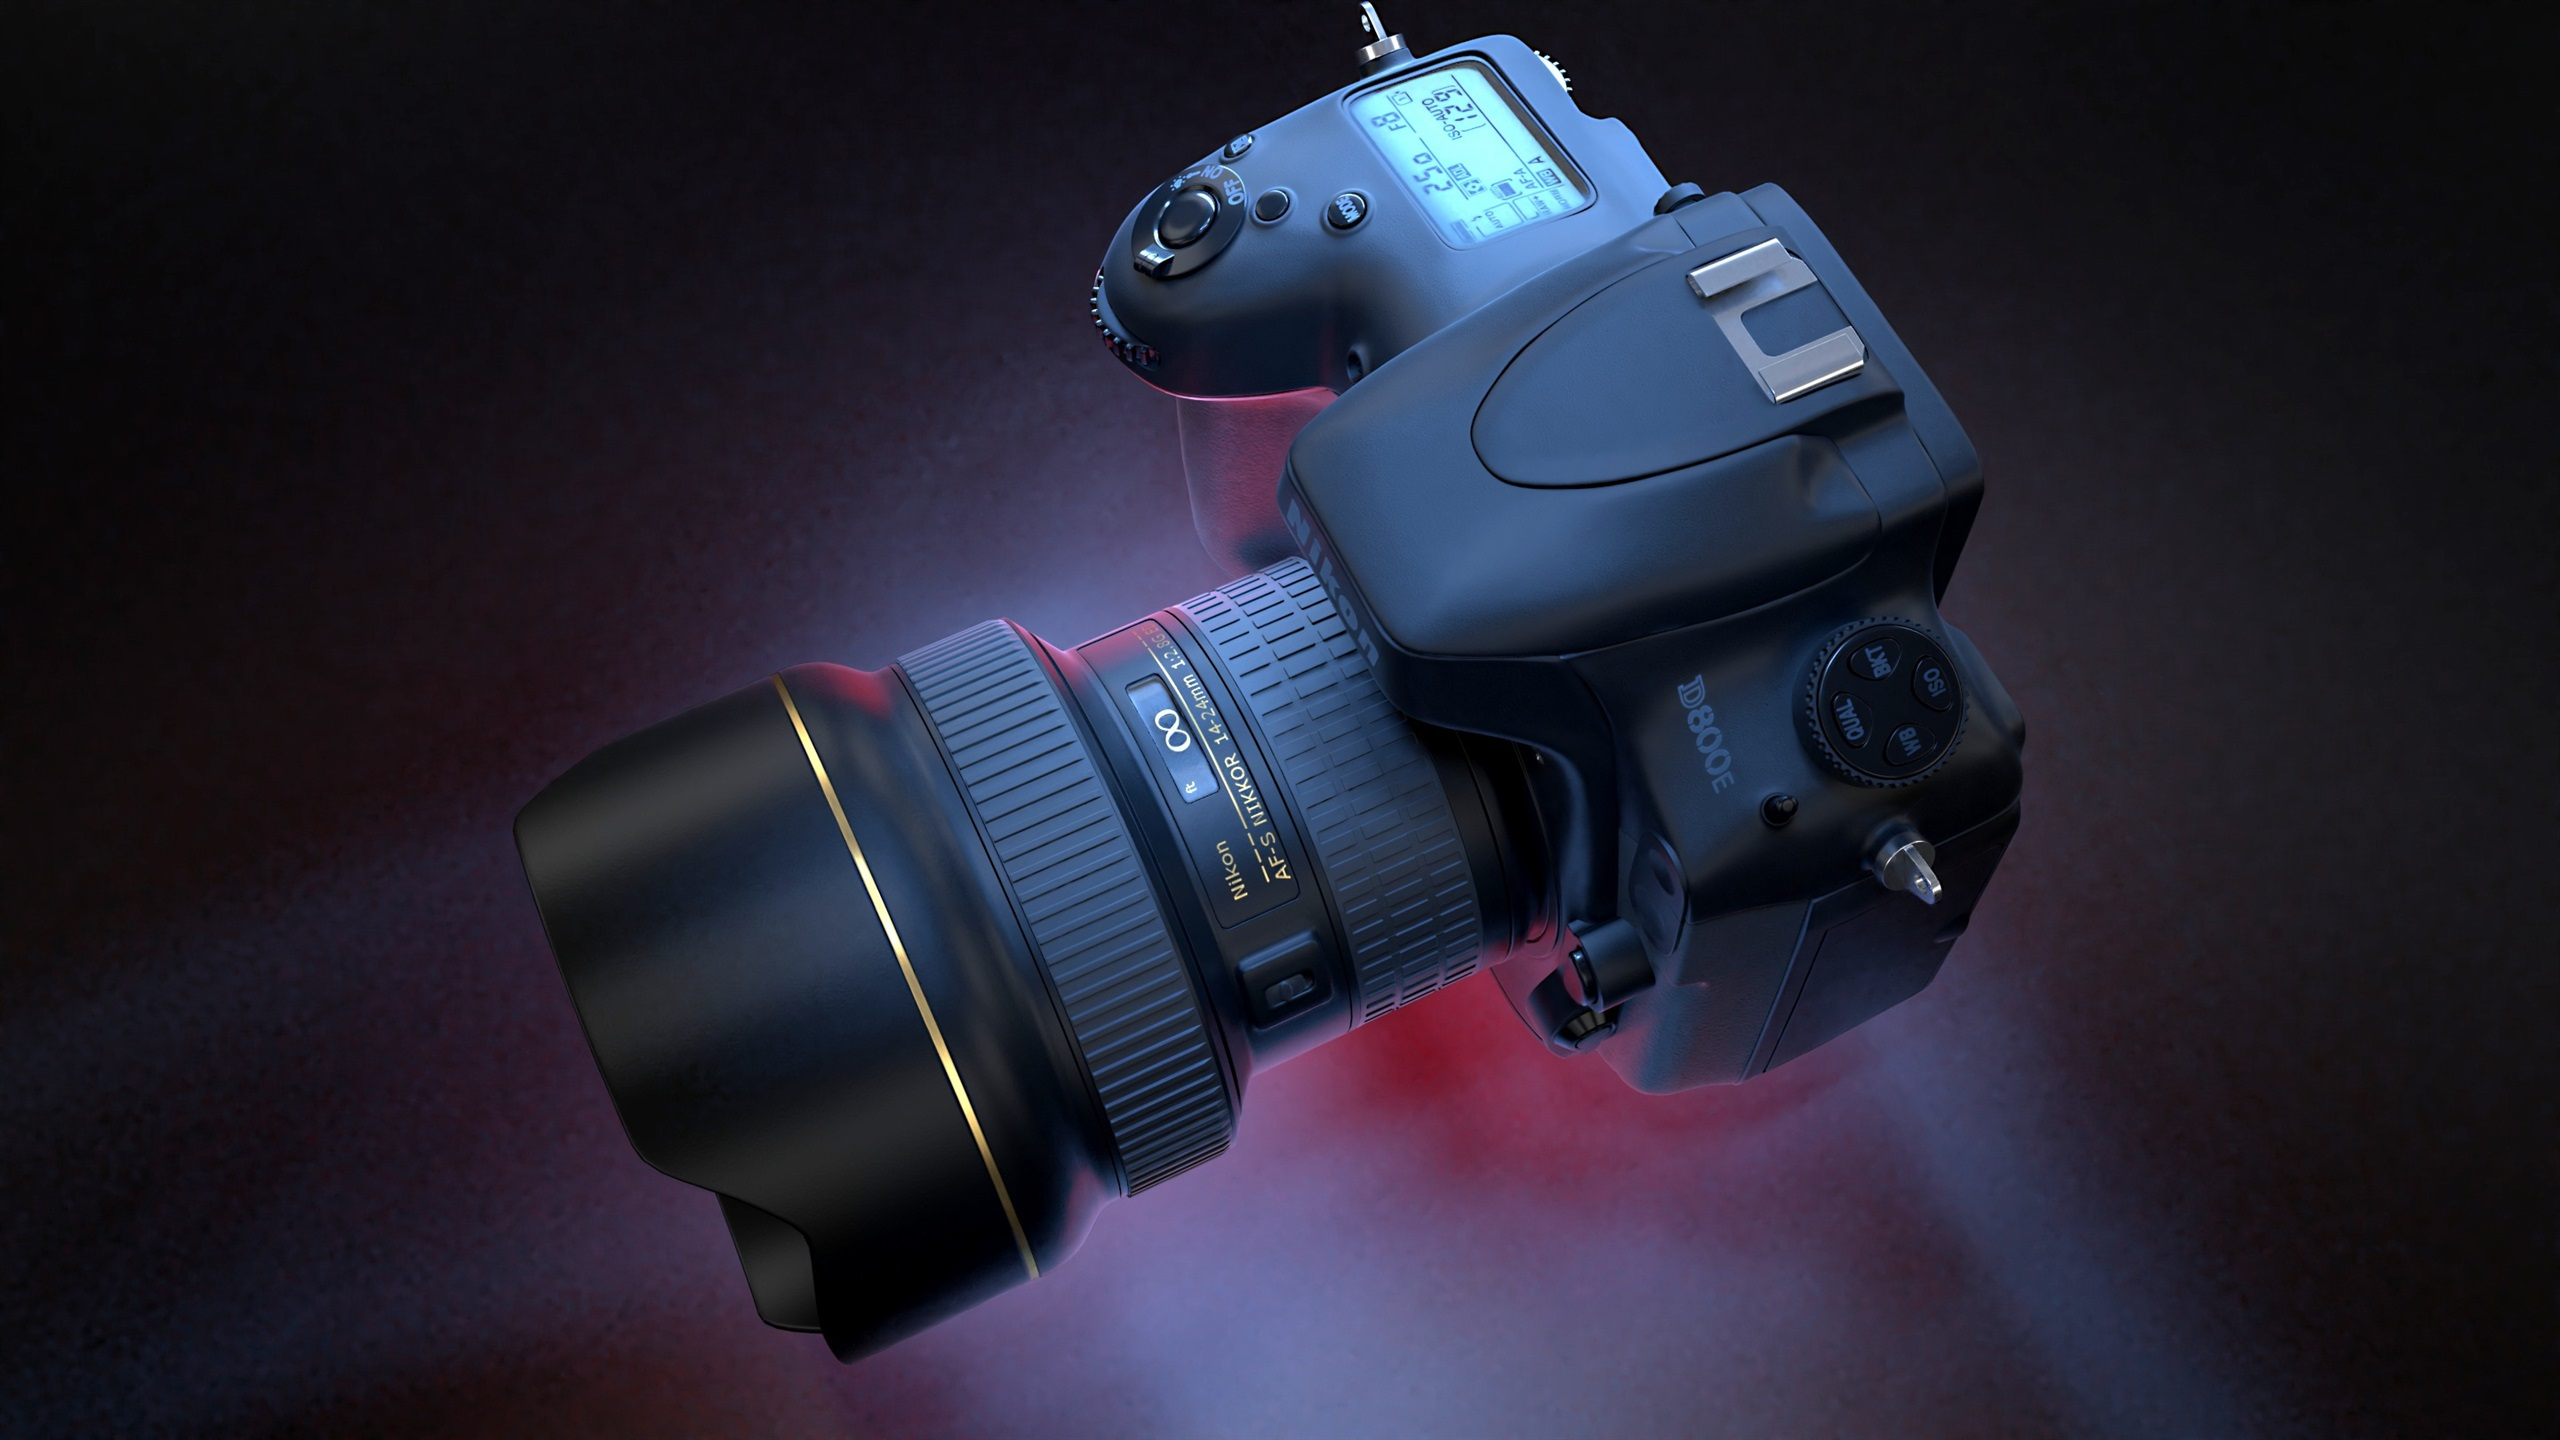 Fonds Décran Nikon D800e Appareil Photo Numérique 2560x1600